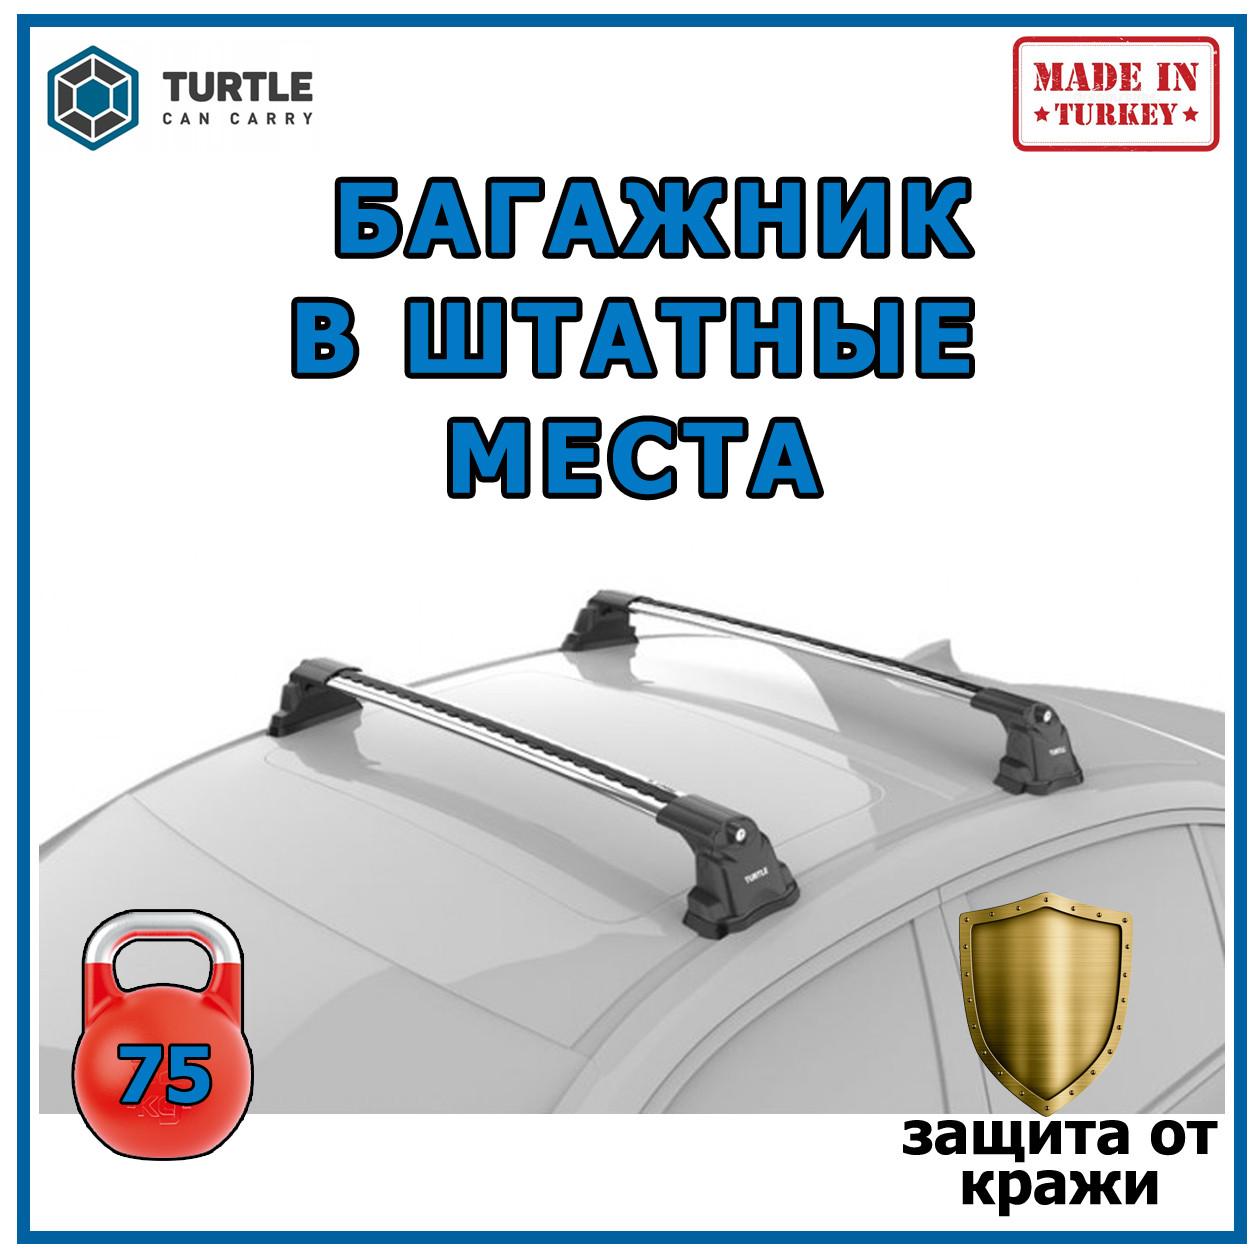 Багажник на крышу Mitsubishi L200 2015- в штатные места серый Turtle